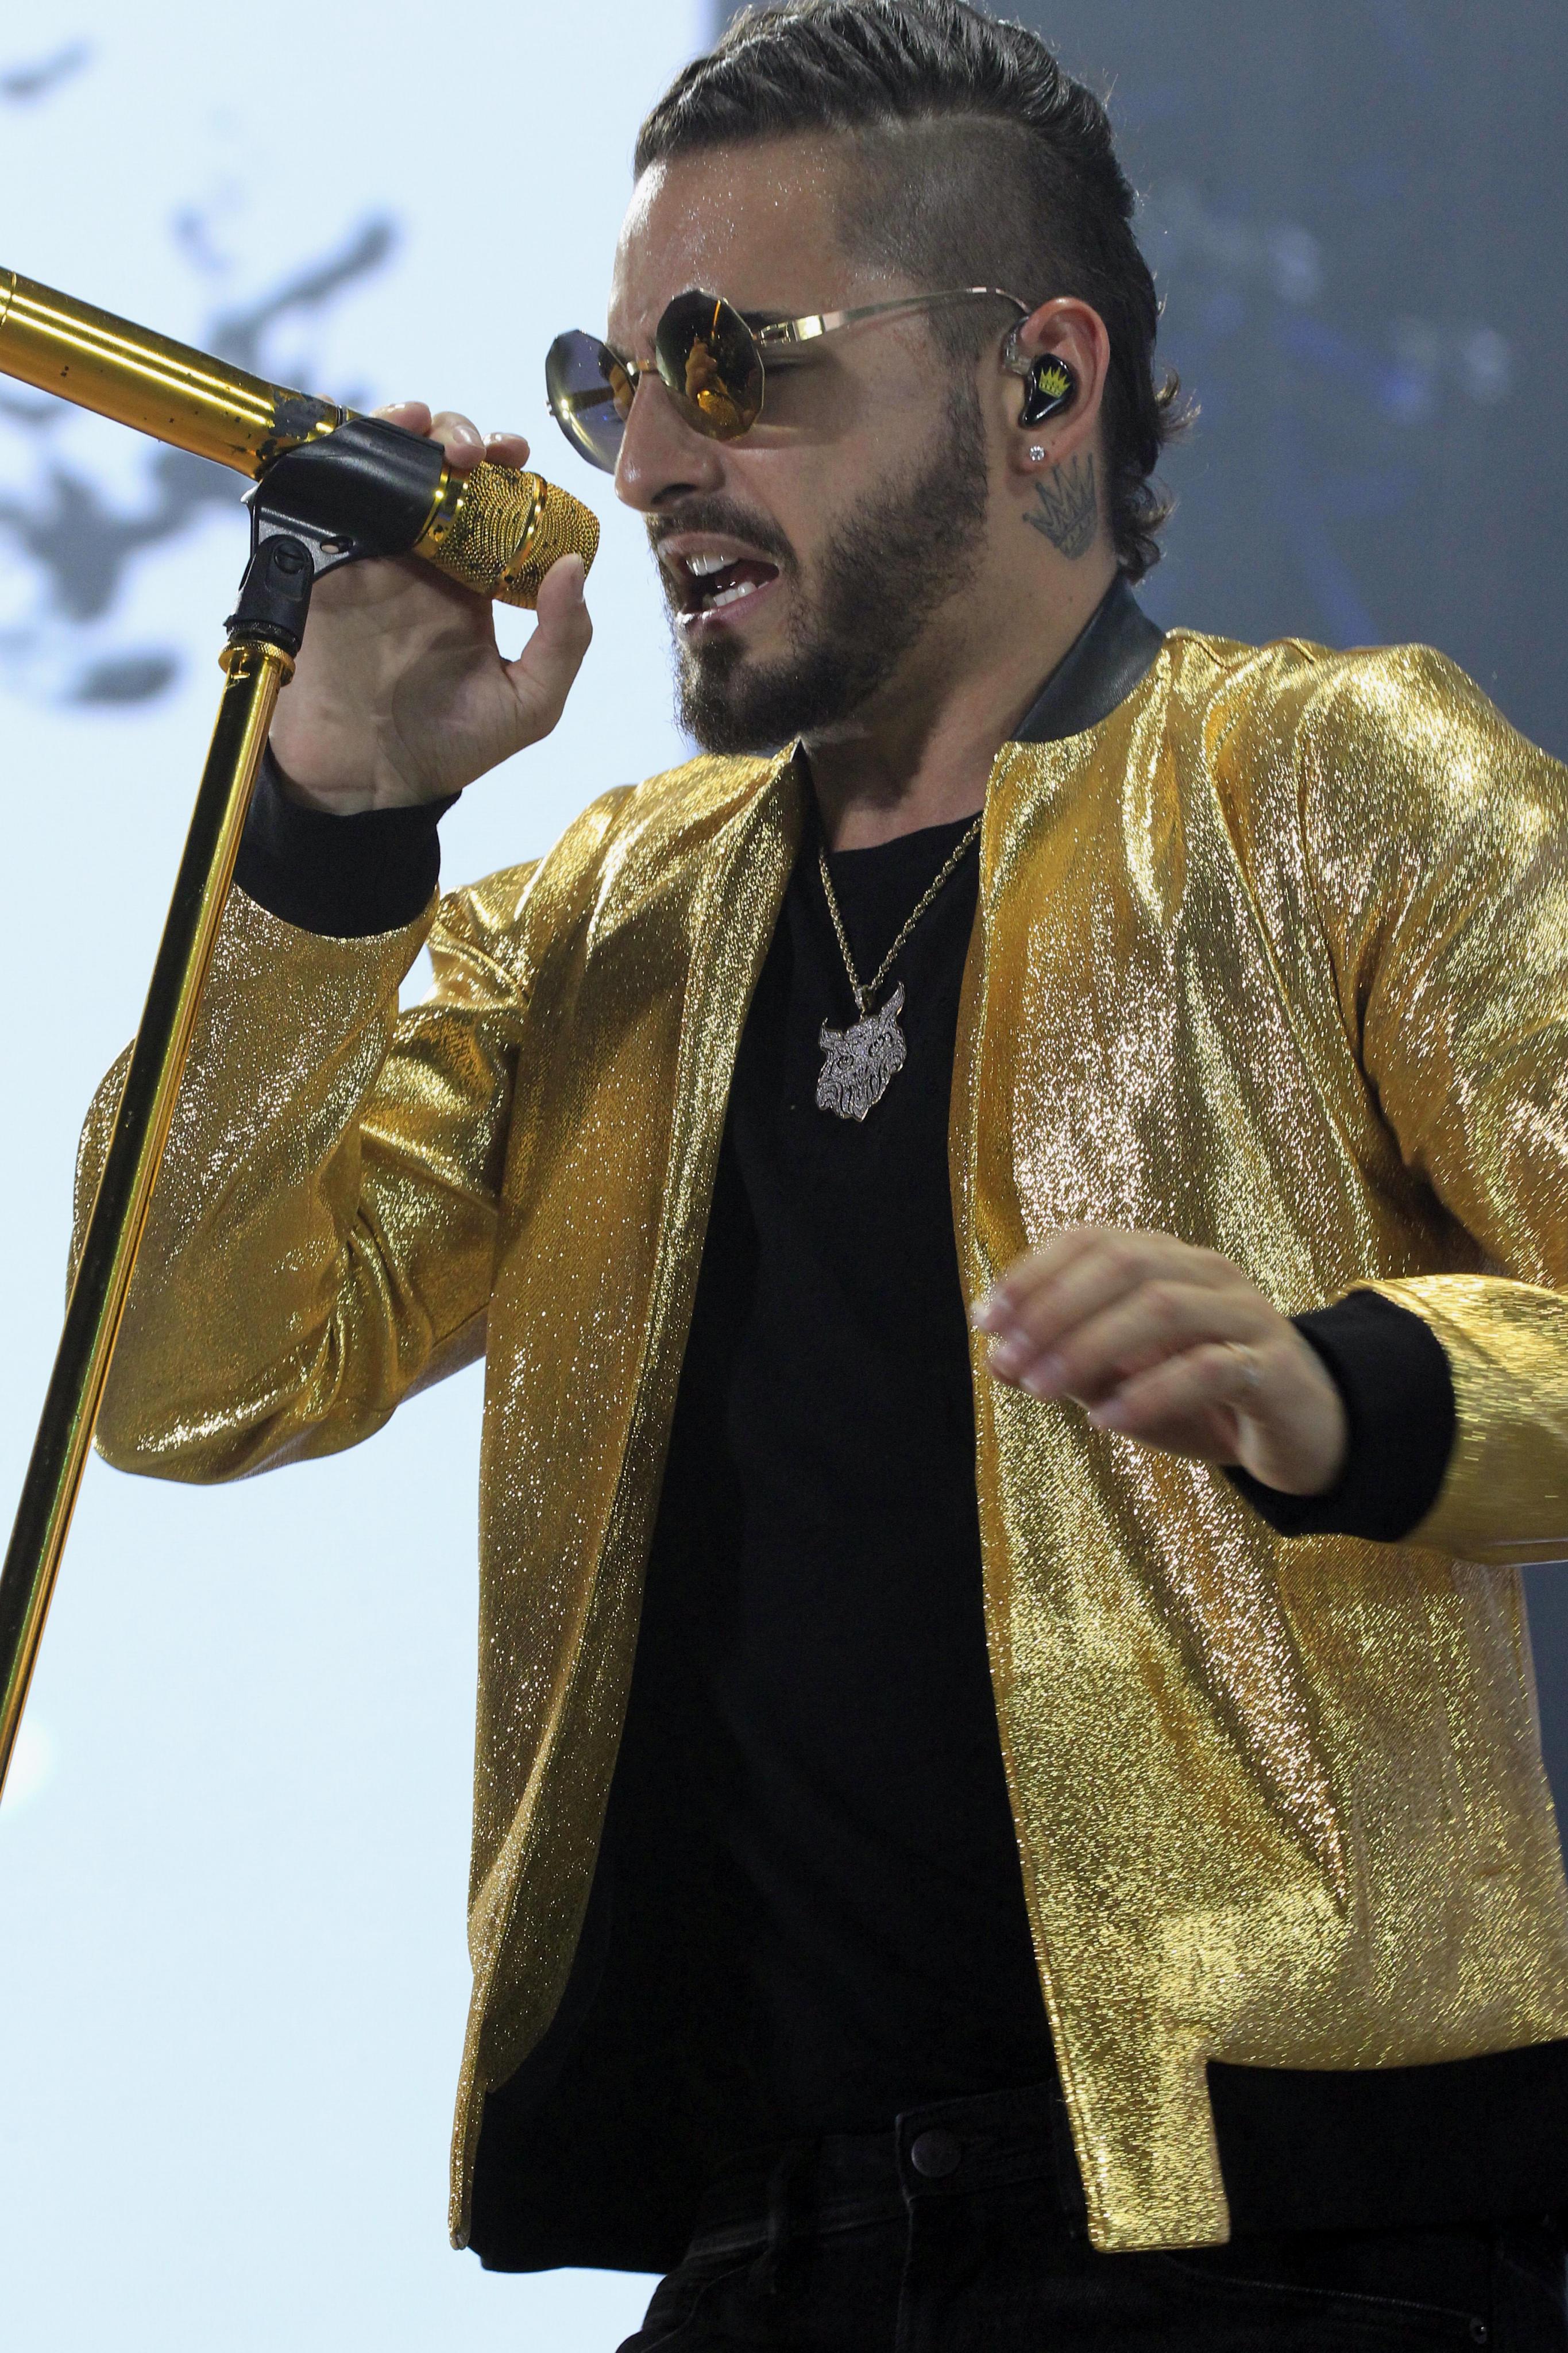 Maluma cantando, visto de perfil, lleva rapado uno de los lados y una cresta en el medio. Castaño oscuro.